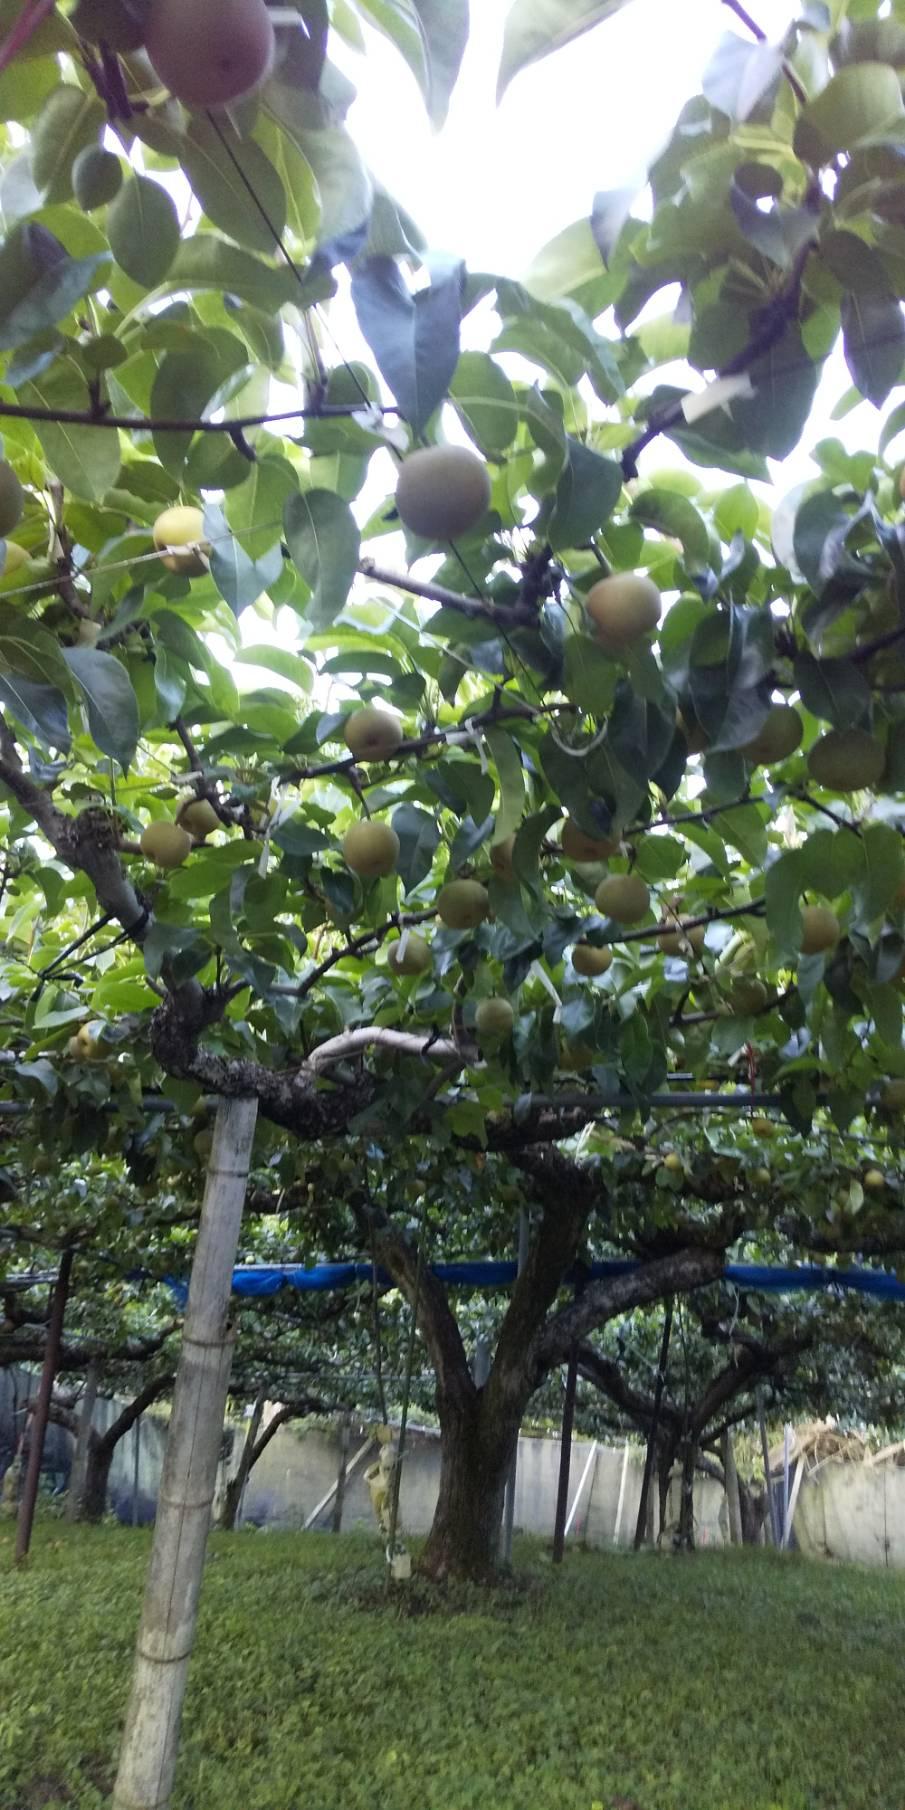 今年も梨が美味しくできてます!人気の幸水8月収穫予定です(*^o^*)